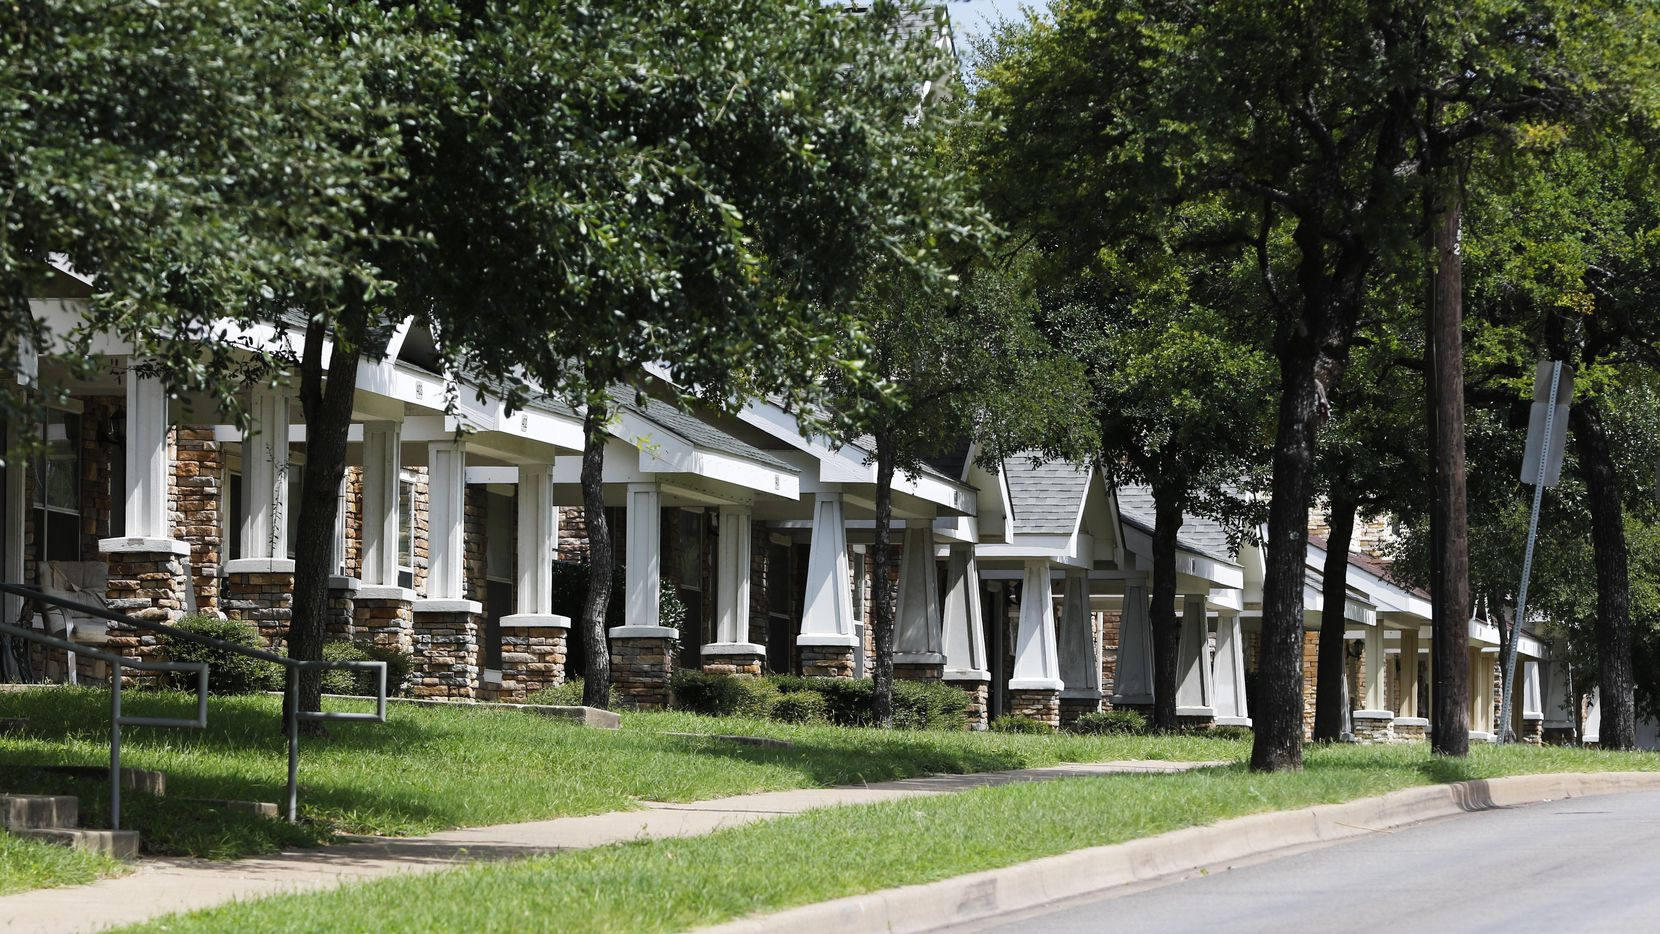 Viviendas en Elsie Faye Heggins St. al sur de Dallas. (DMN/DAVID WOO)